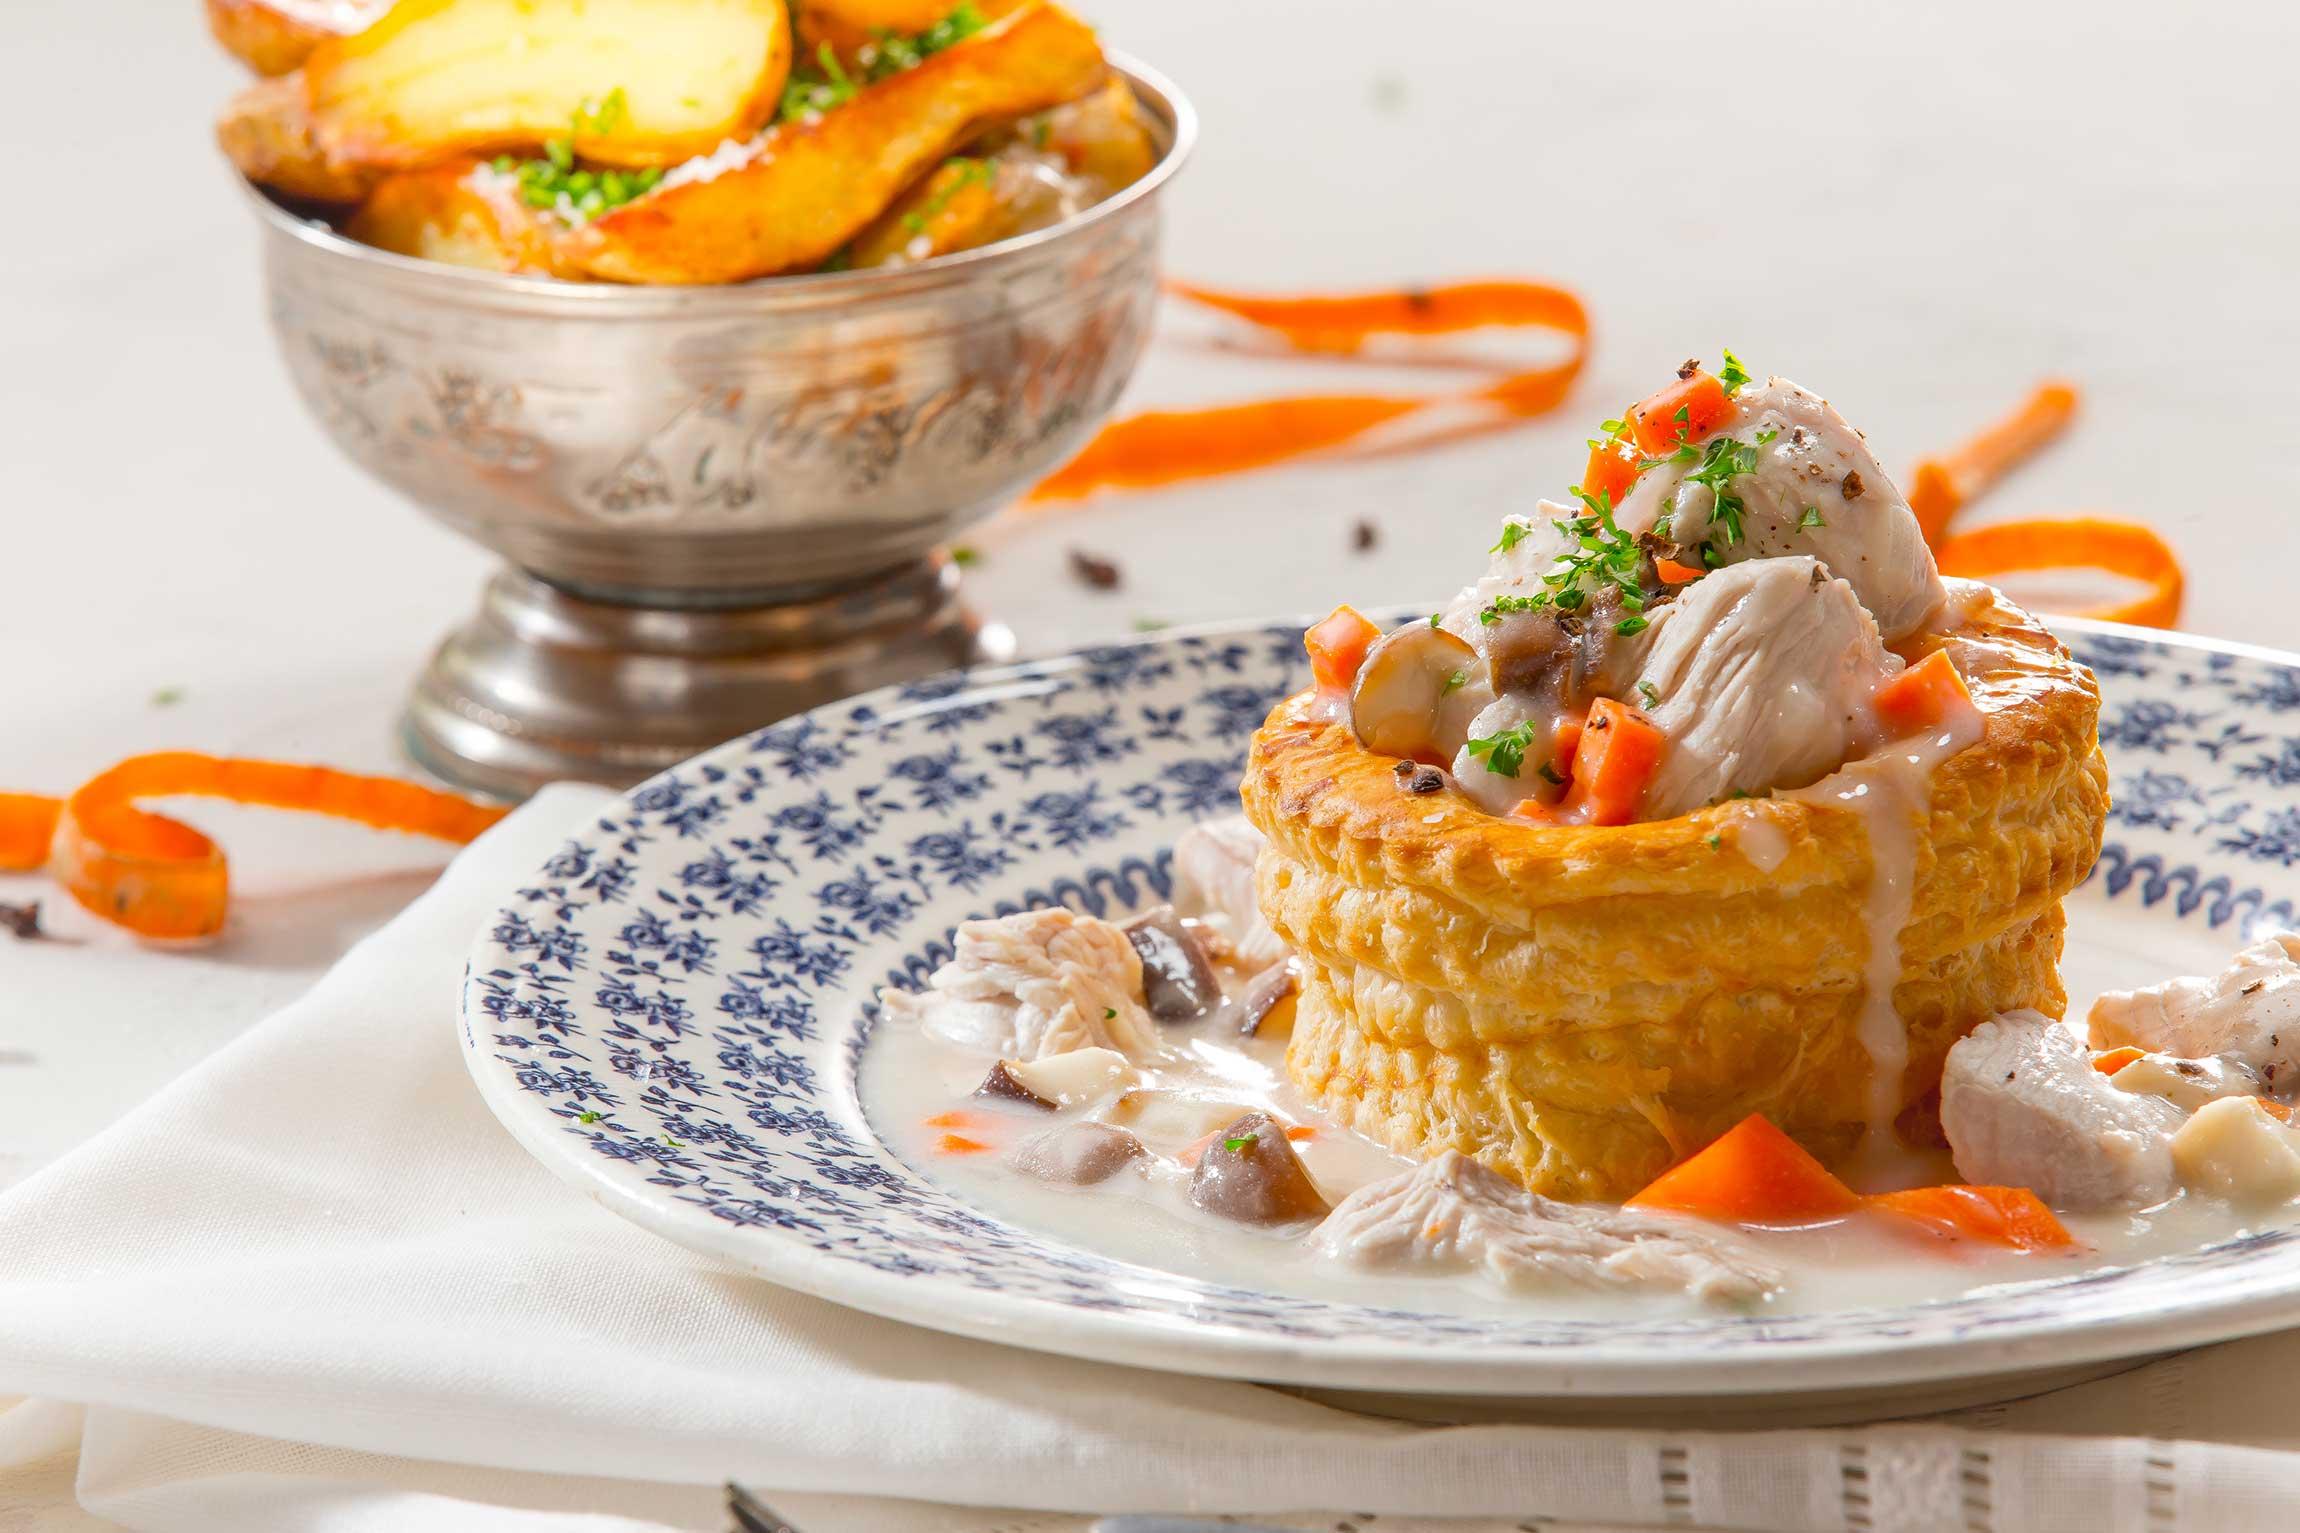 recette de bouchée à la reine maison steffen boucherie steffen artisans boucher luxembourg vol-au-vent